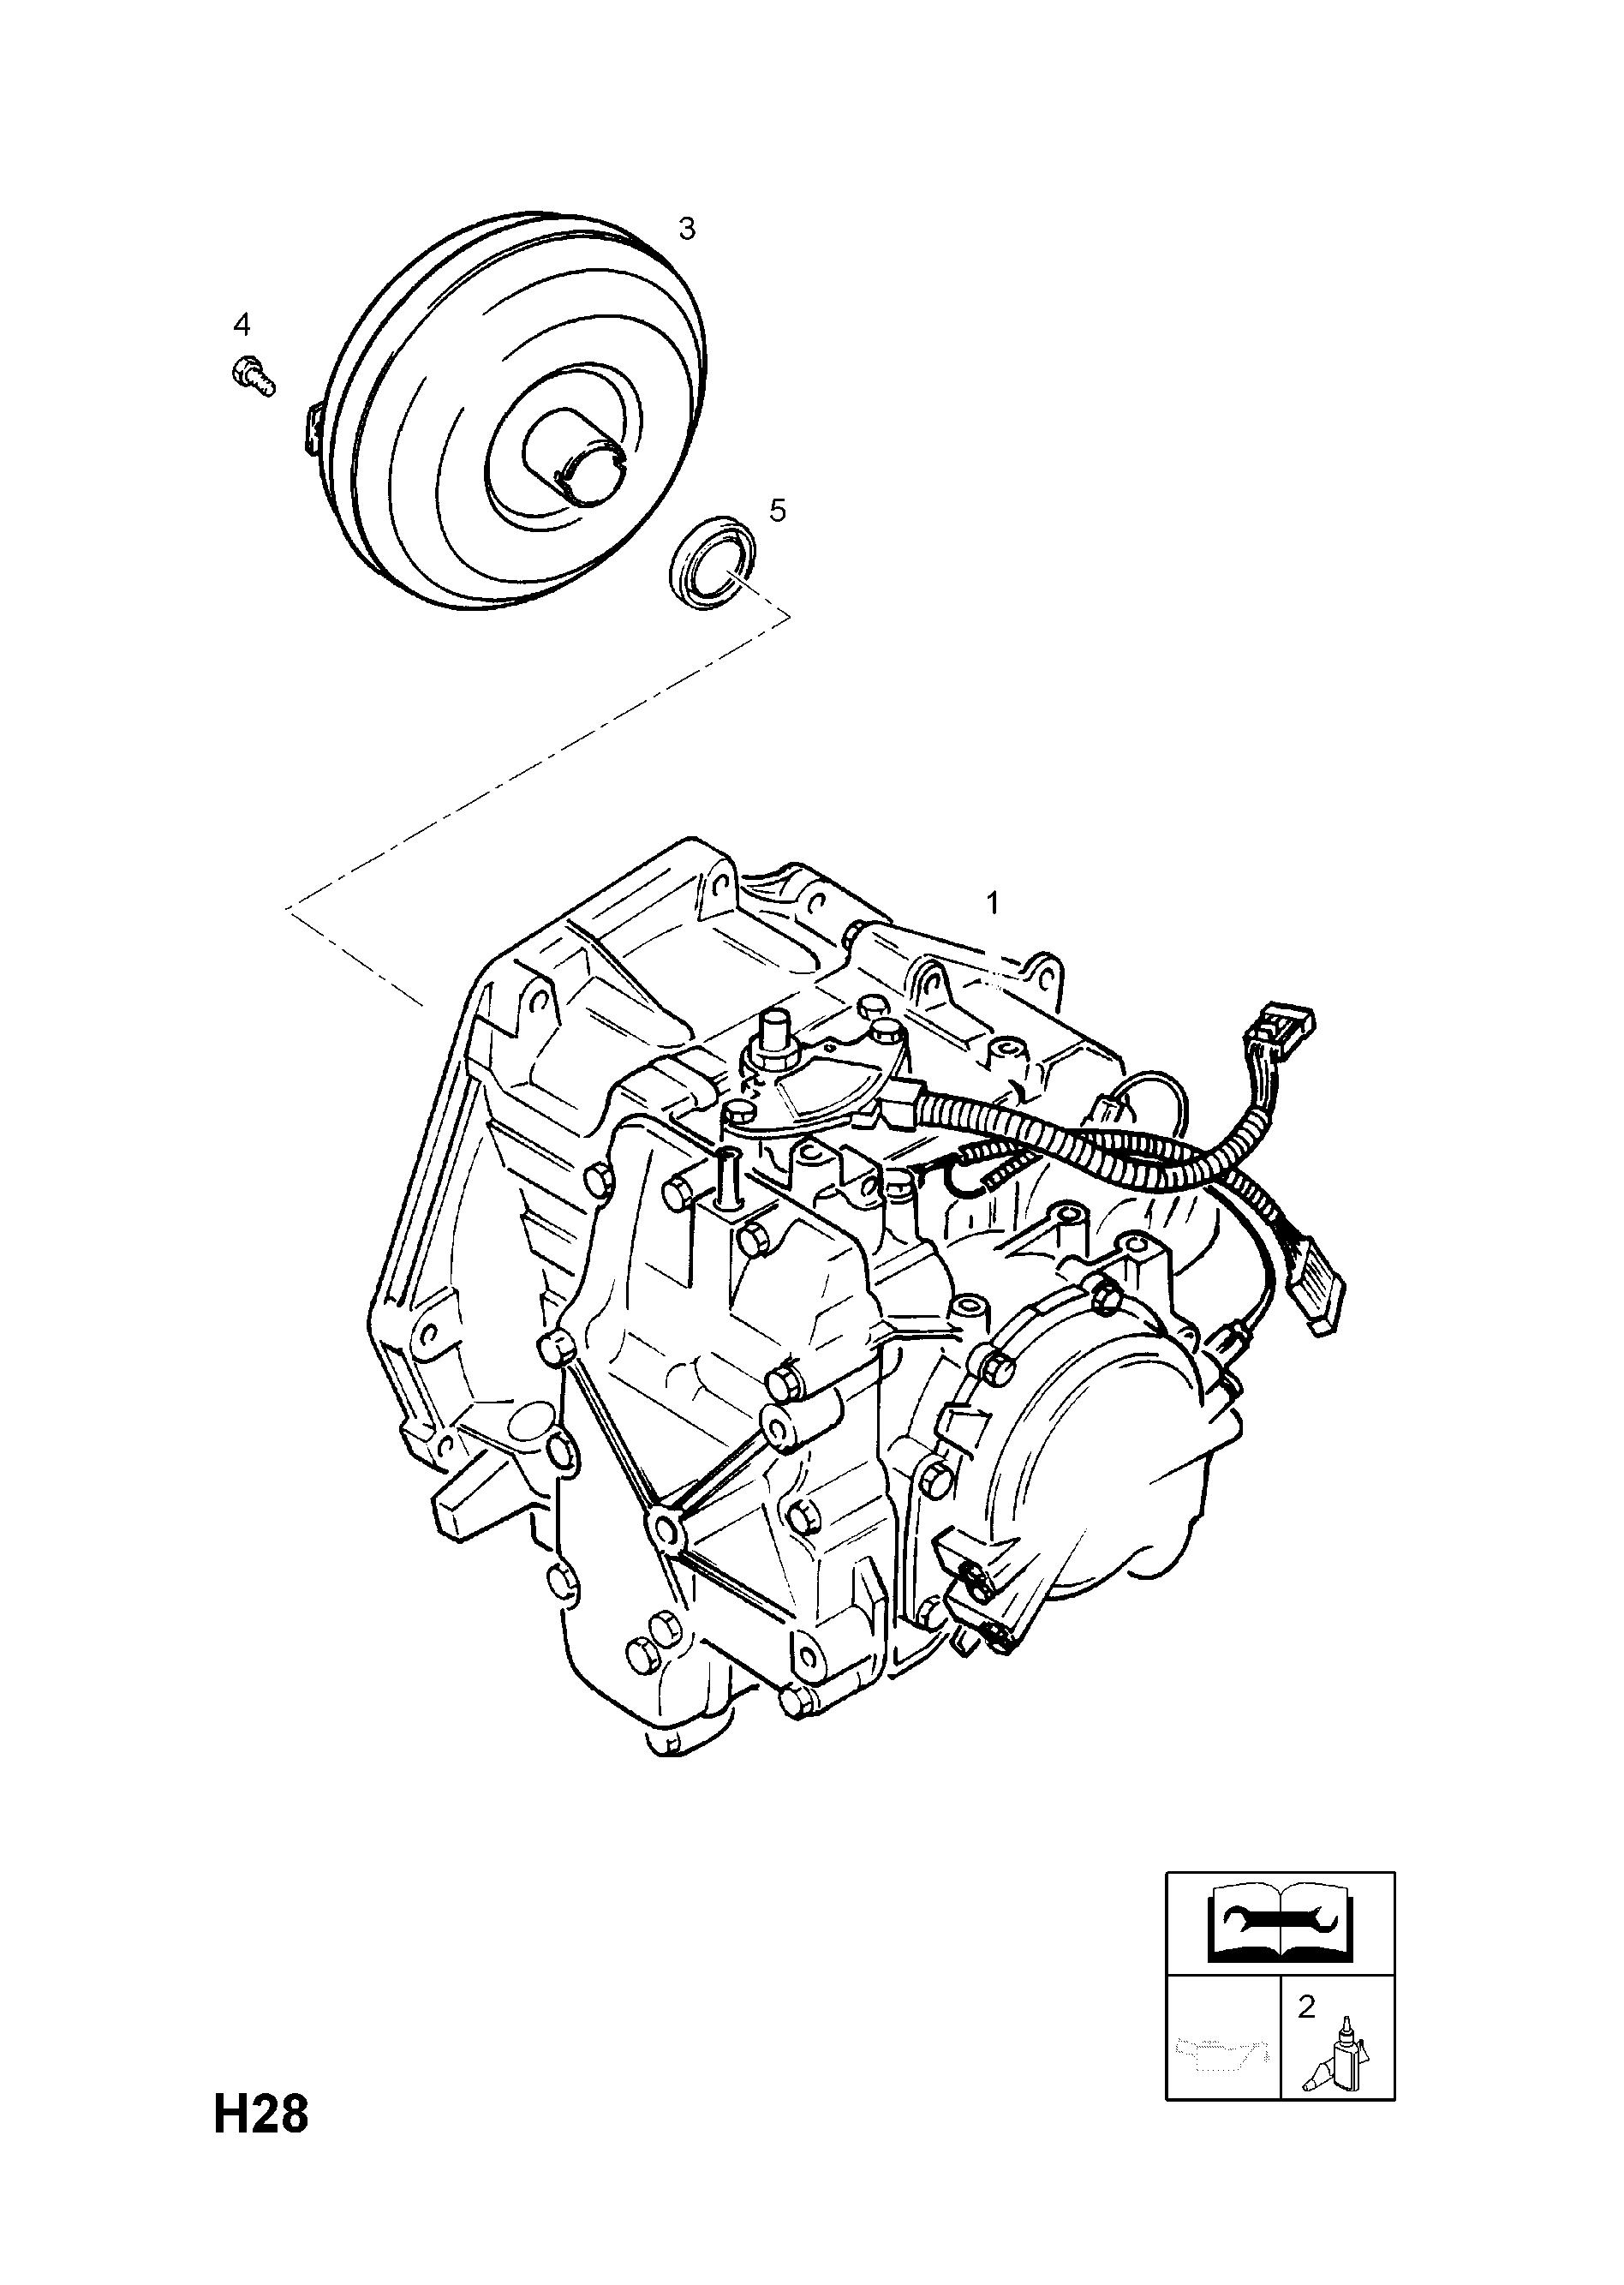 Opel Astra G 1998 2010 H Transmission 8 Af17 Automatic Gm Alternator Parts Diagram Part Number Genuine Description Range